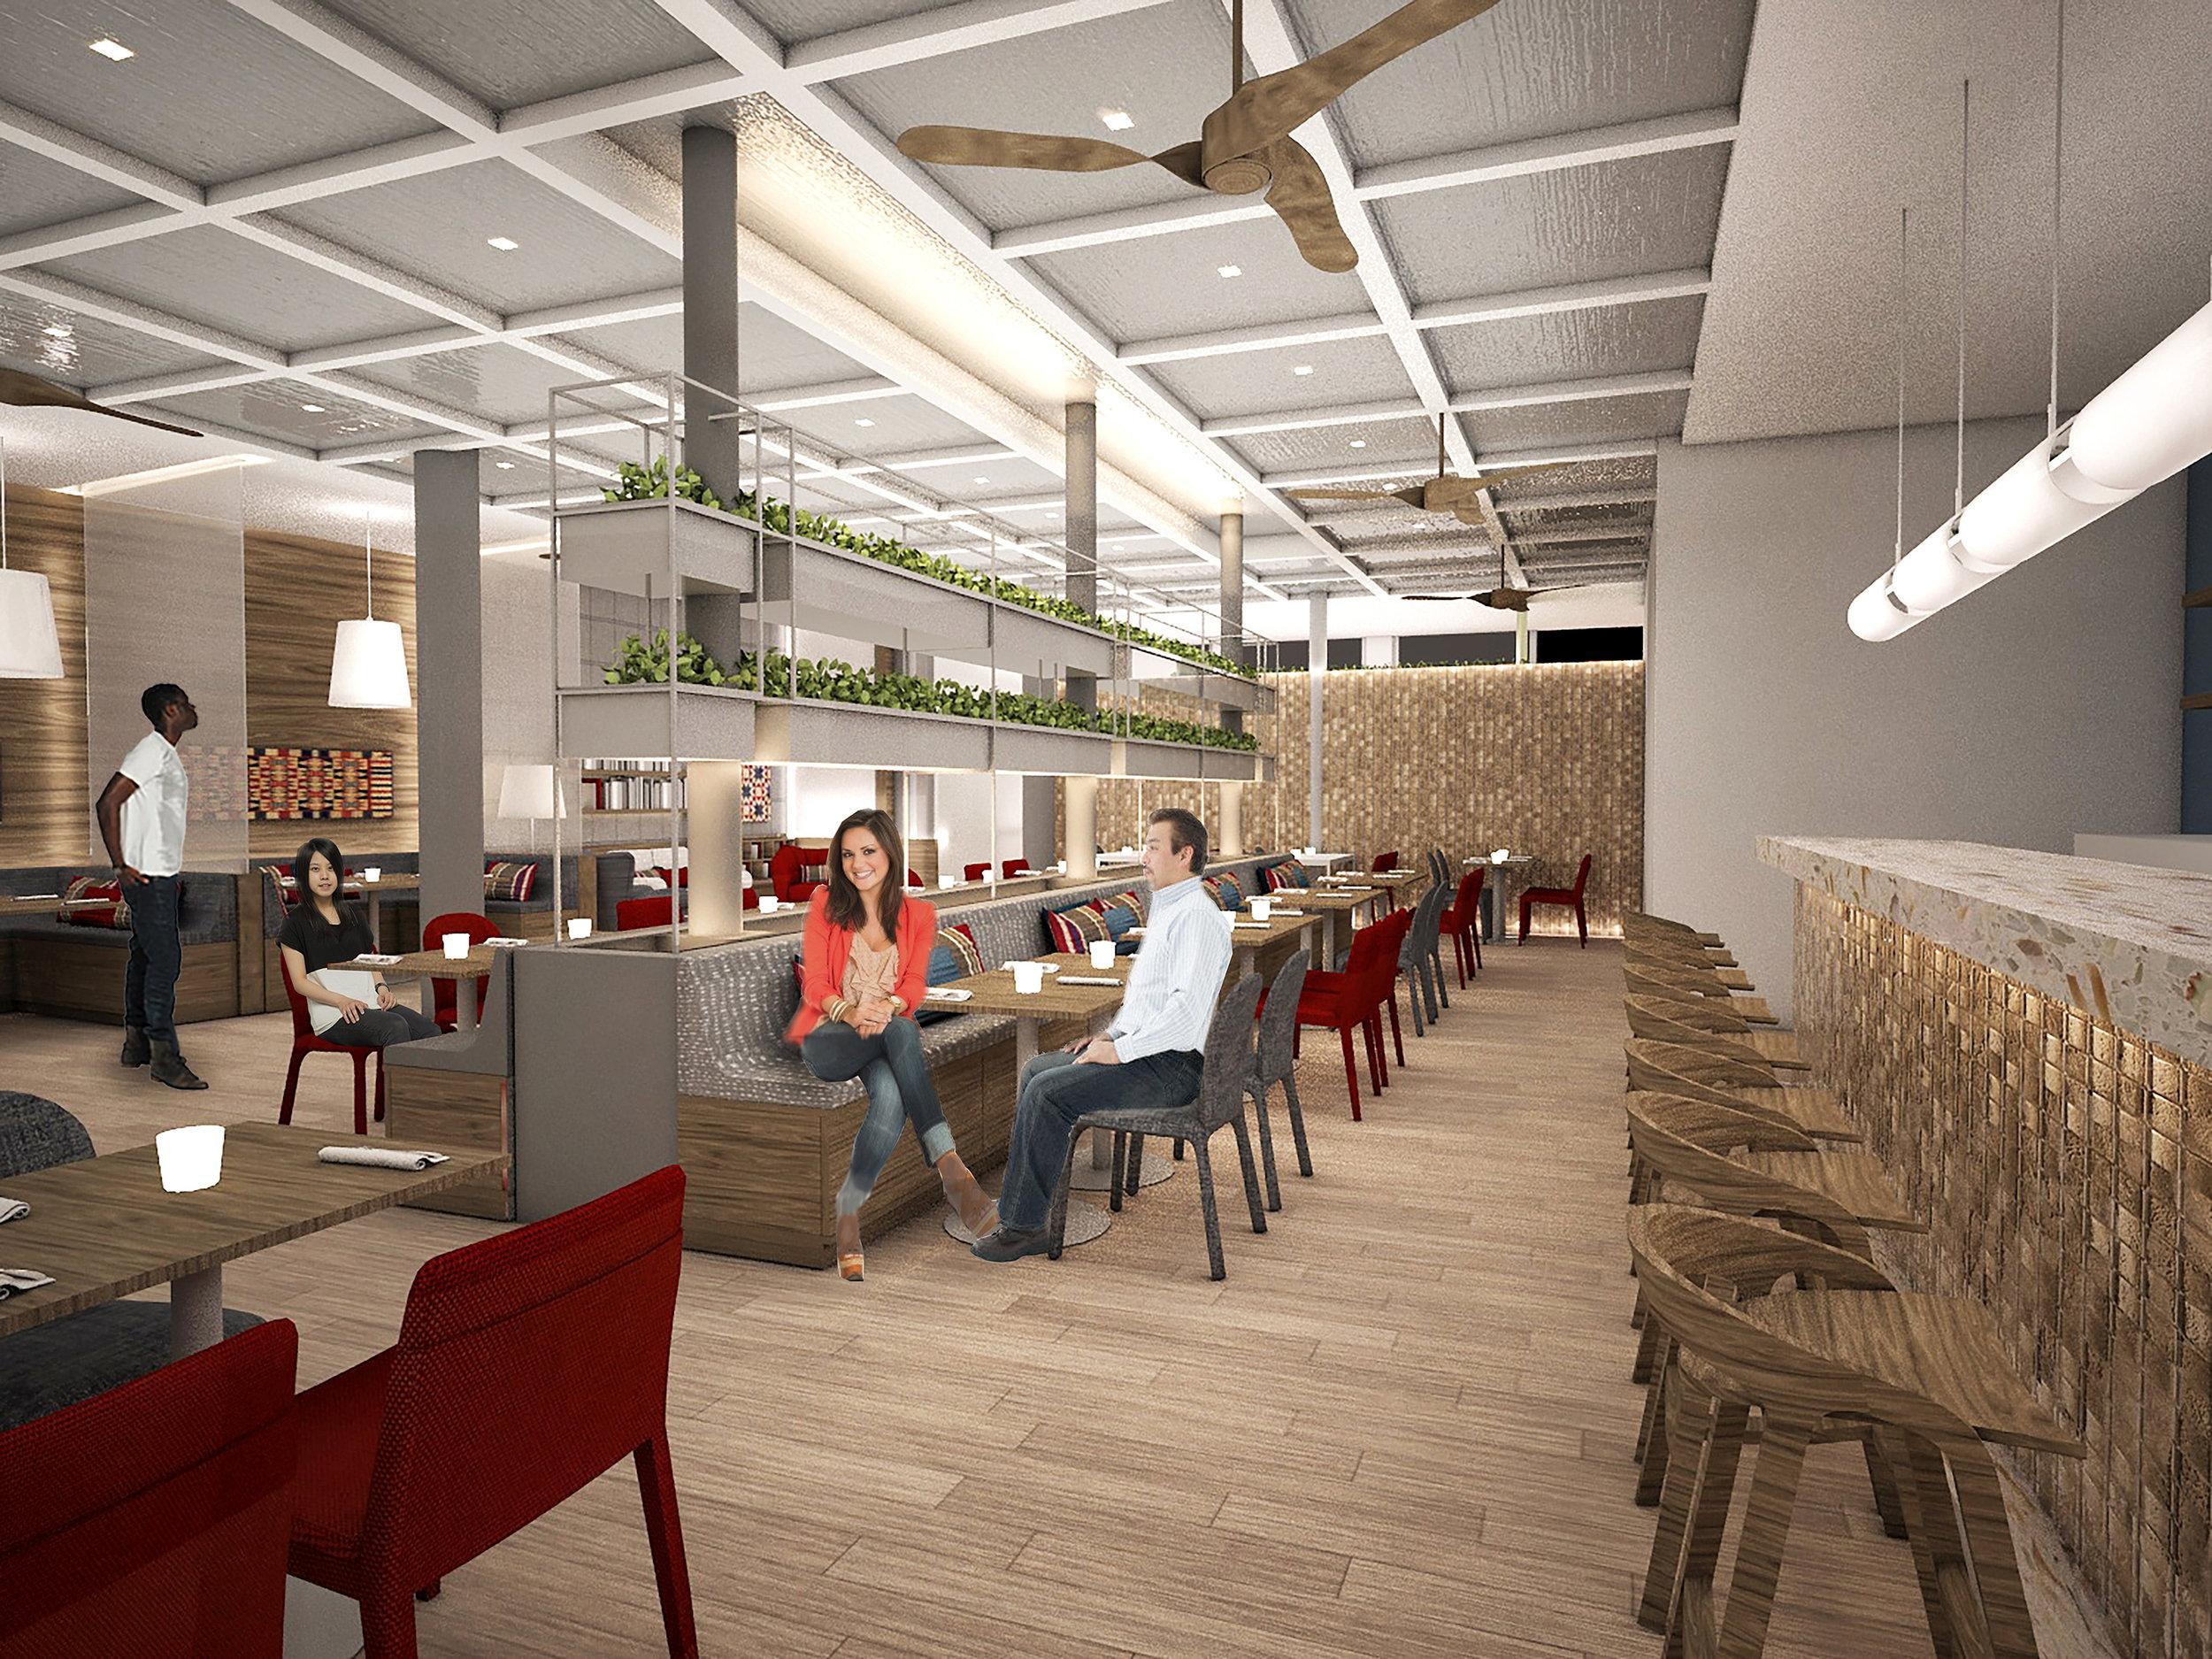 silvia-landinez-franzi-yiju-chen-juliana-sorzano-dailyrious-new-york-mps-sustainable-interior-environments-commercial-project_17643282955_o.jpg